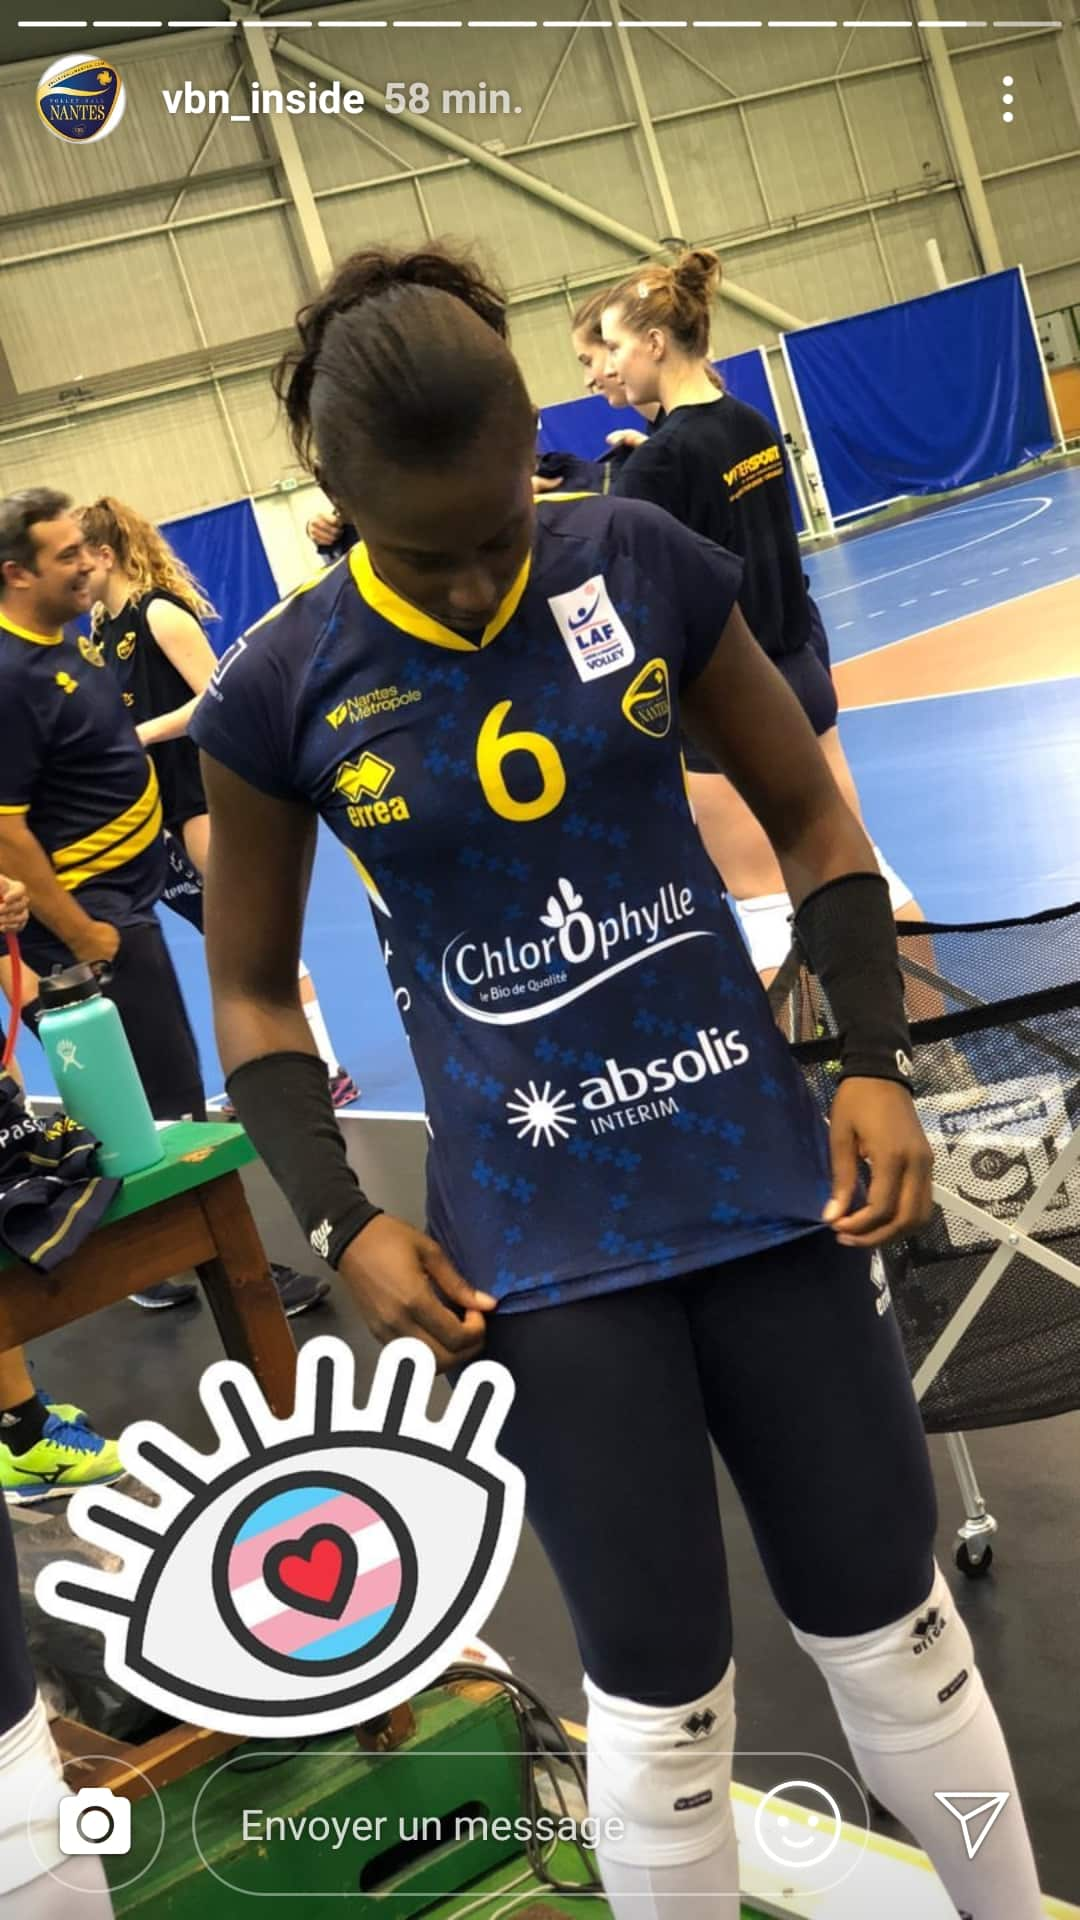 nouveau-maillot-volley-VB-Nantes-errea-2018-2019-LAF-1